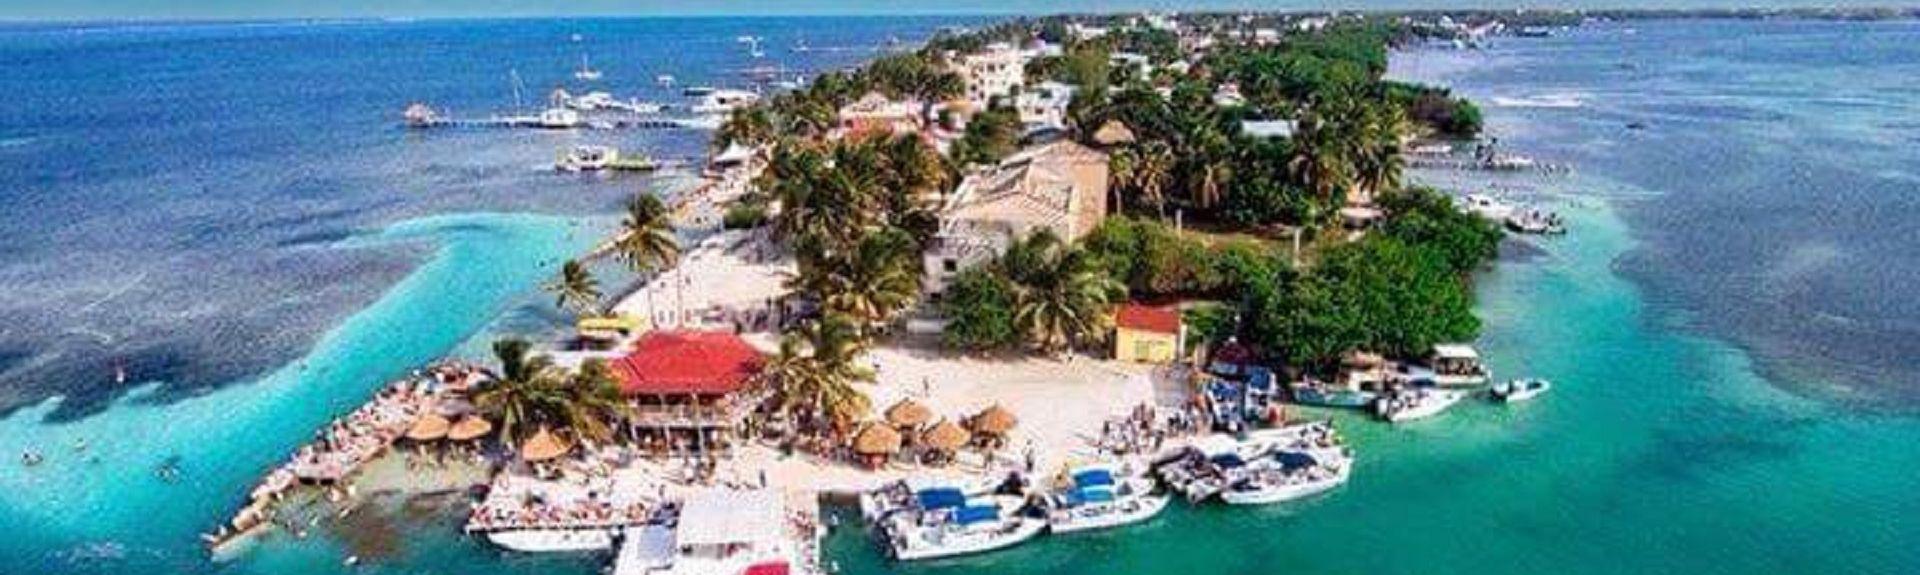 The Split (Graben), Caye Caulker, Belize District, Belize